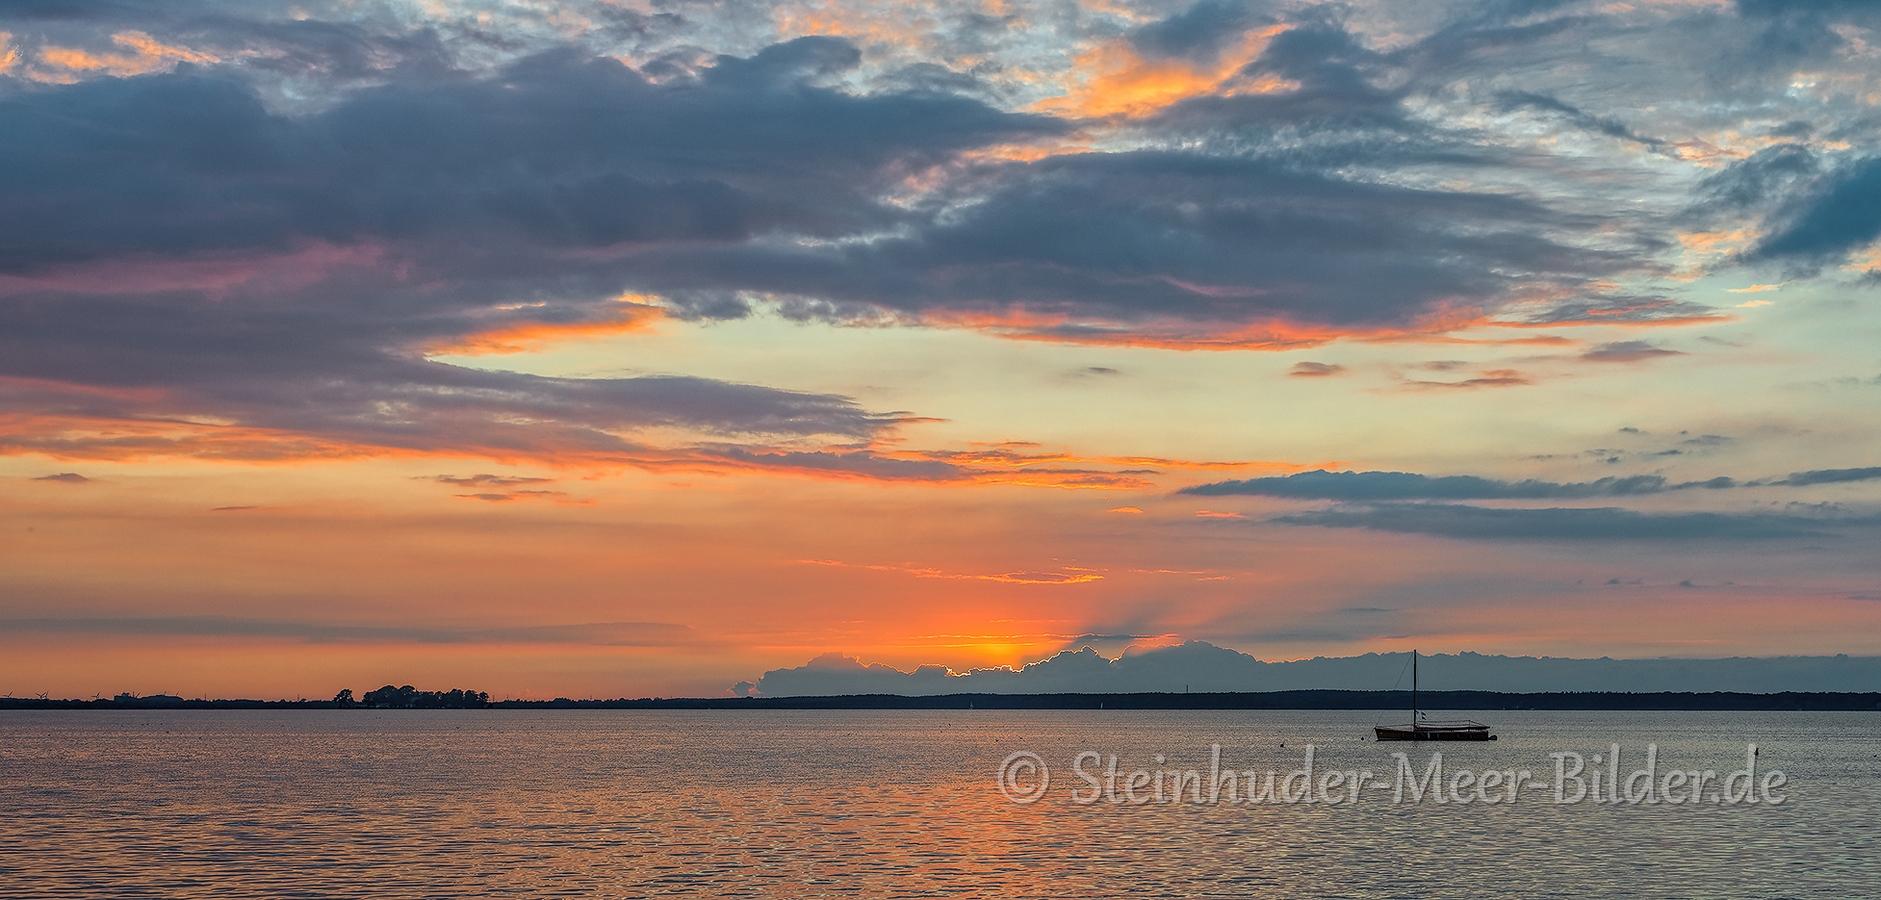 Abendrot-Wolken-Wolkenhimmel-Sonnenuntergang-Abendhimmel-Daemmerung-Abendstimmung-Abendlicht-Steinhuder Meer-B_NIK_0613b